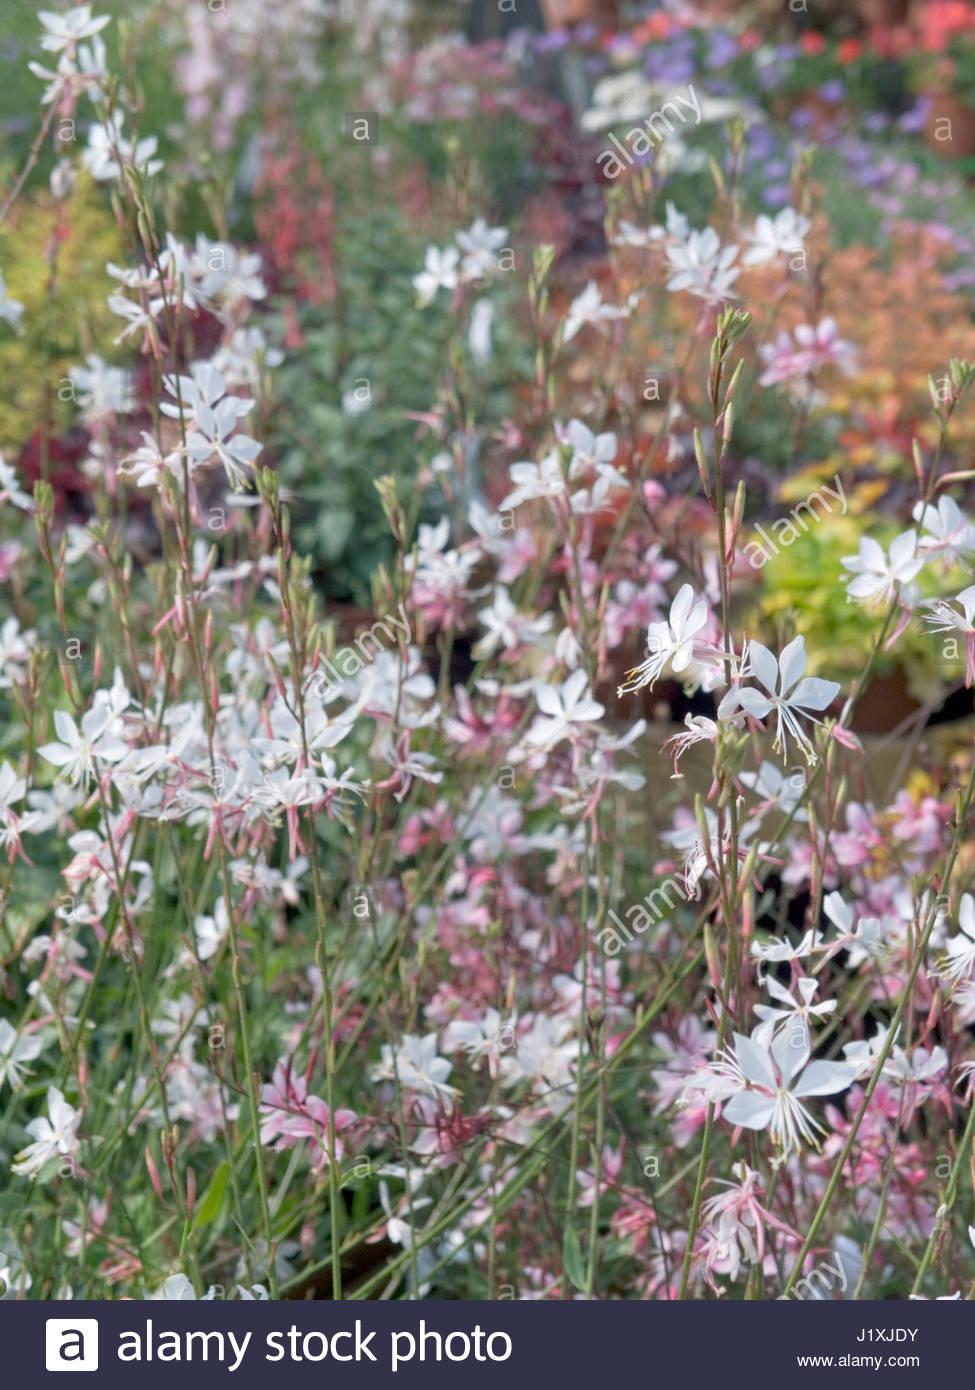 Gaura lindheimeri whirling butterflies hardy perennial stock photo gaura lindheimeri whirling butterflies hardy perennial mightylinksfo